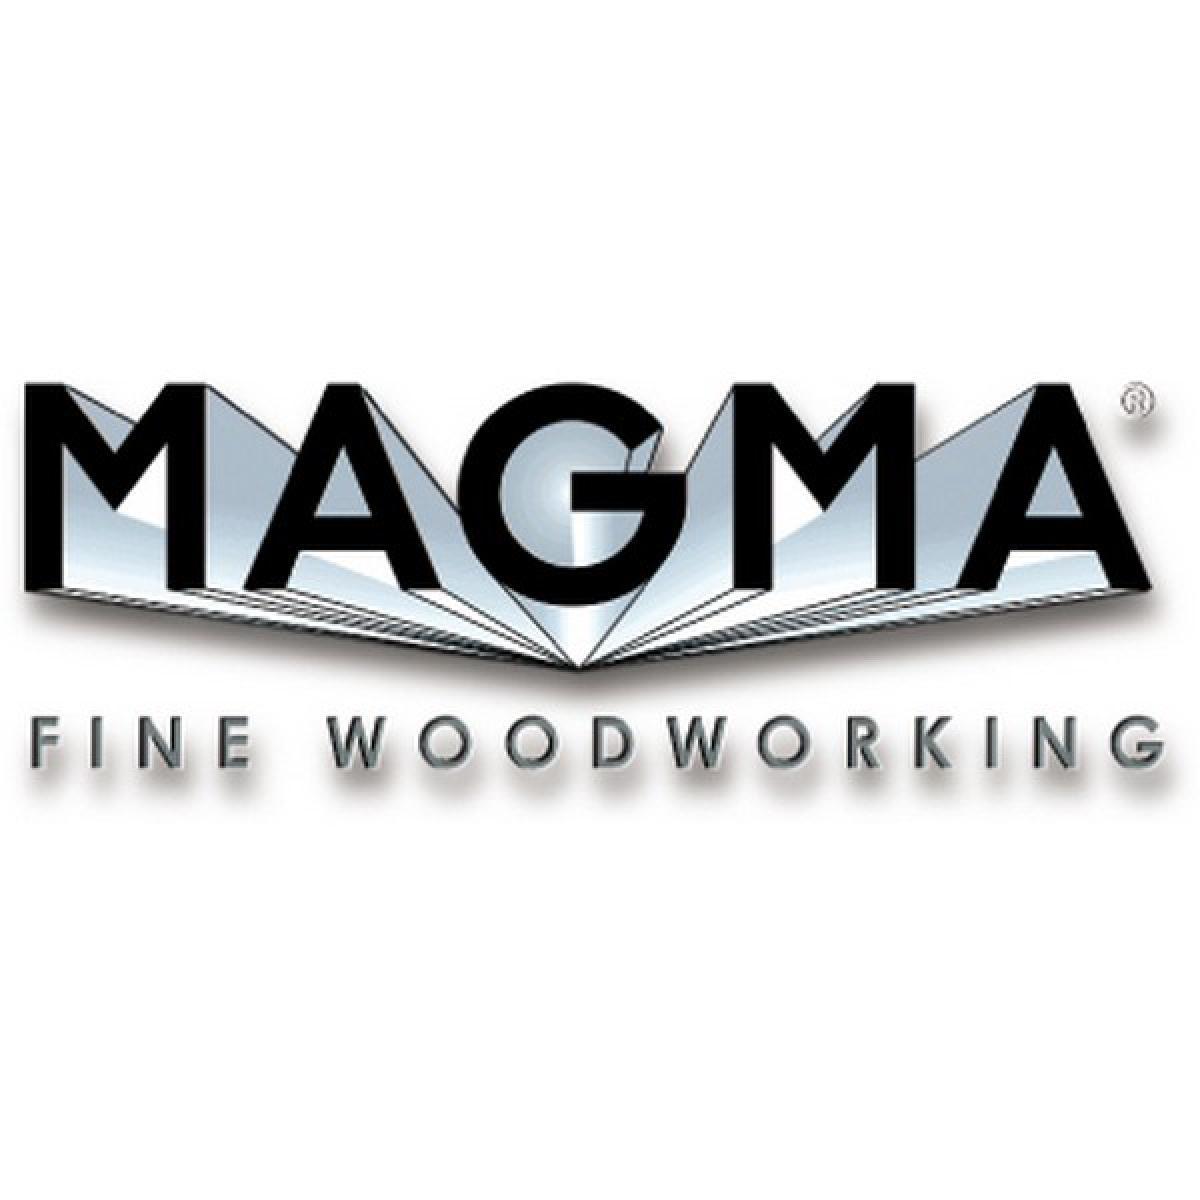 Magma Lame de rechange, pour scie japonaise Kataba à poignée plastique et à lame de scie rabattable, longueur de lame 250 mm,